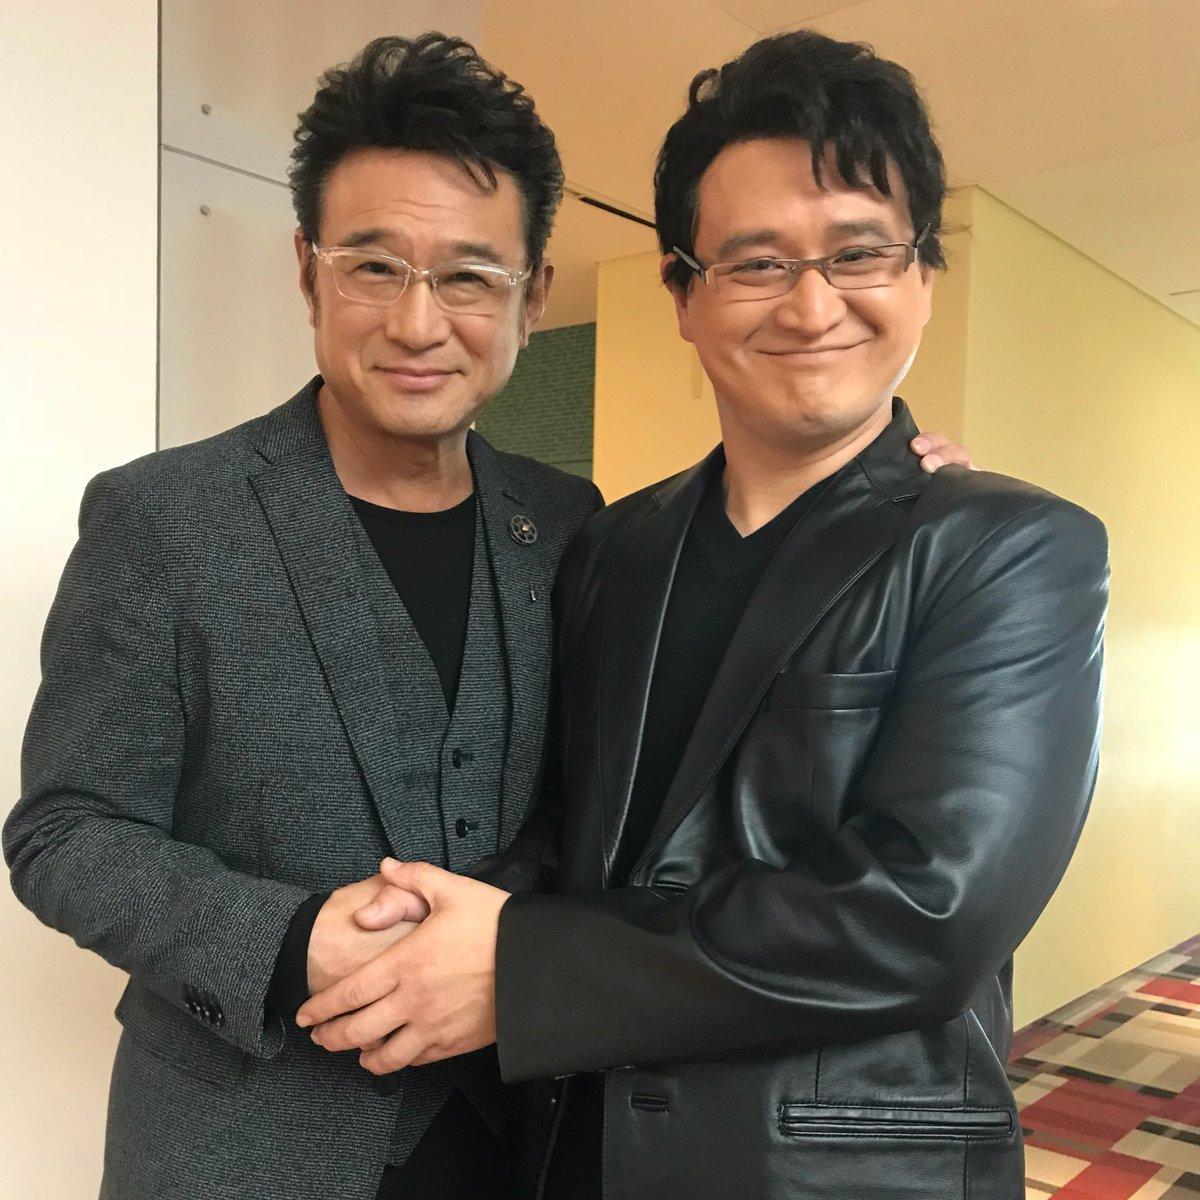 ガリットチュウ福島のwiki!モノマネレパートリーまとめと嫁について!